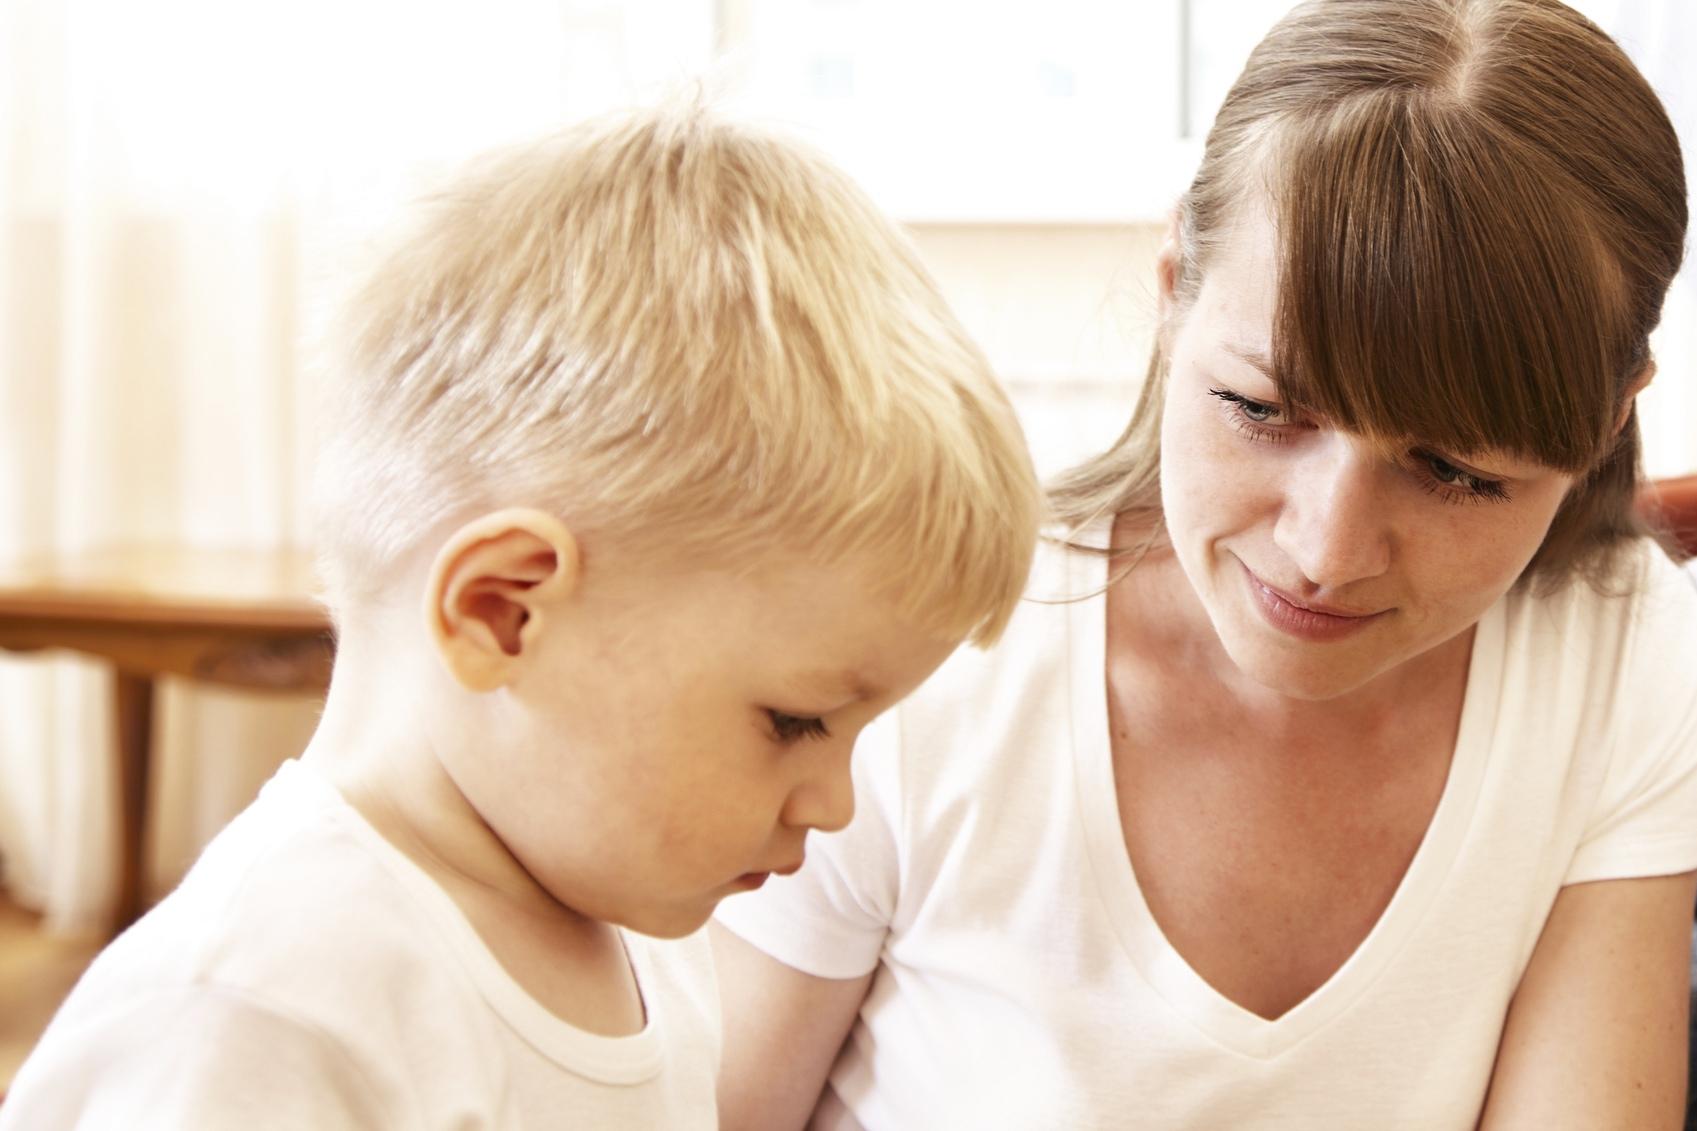 Dialogue entre un enfant et une femme